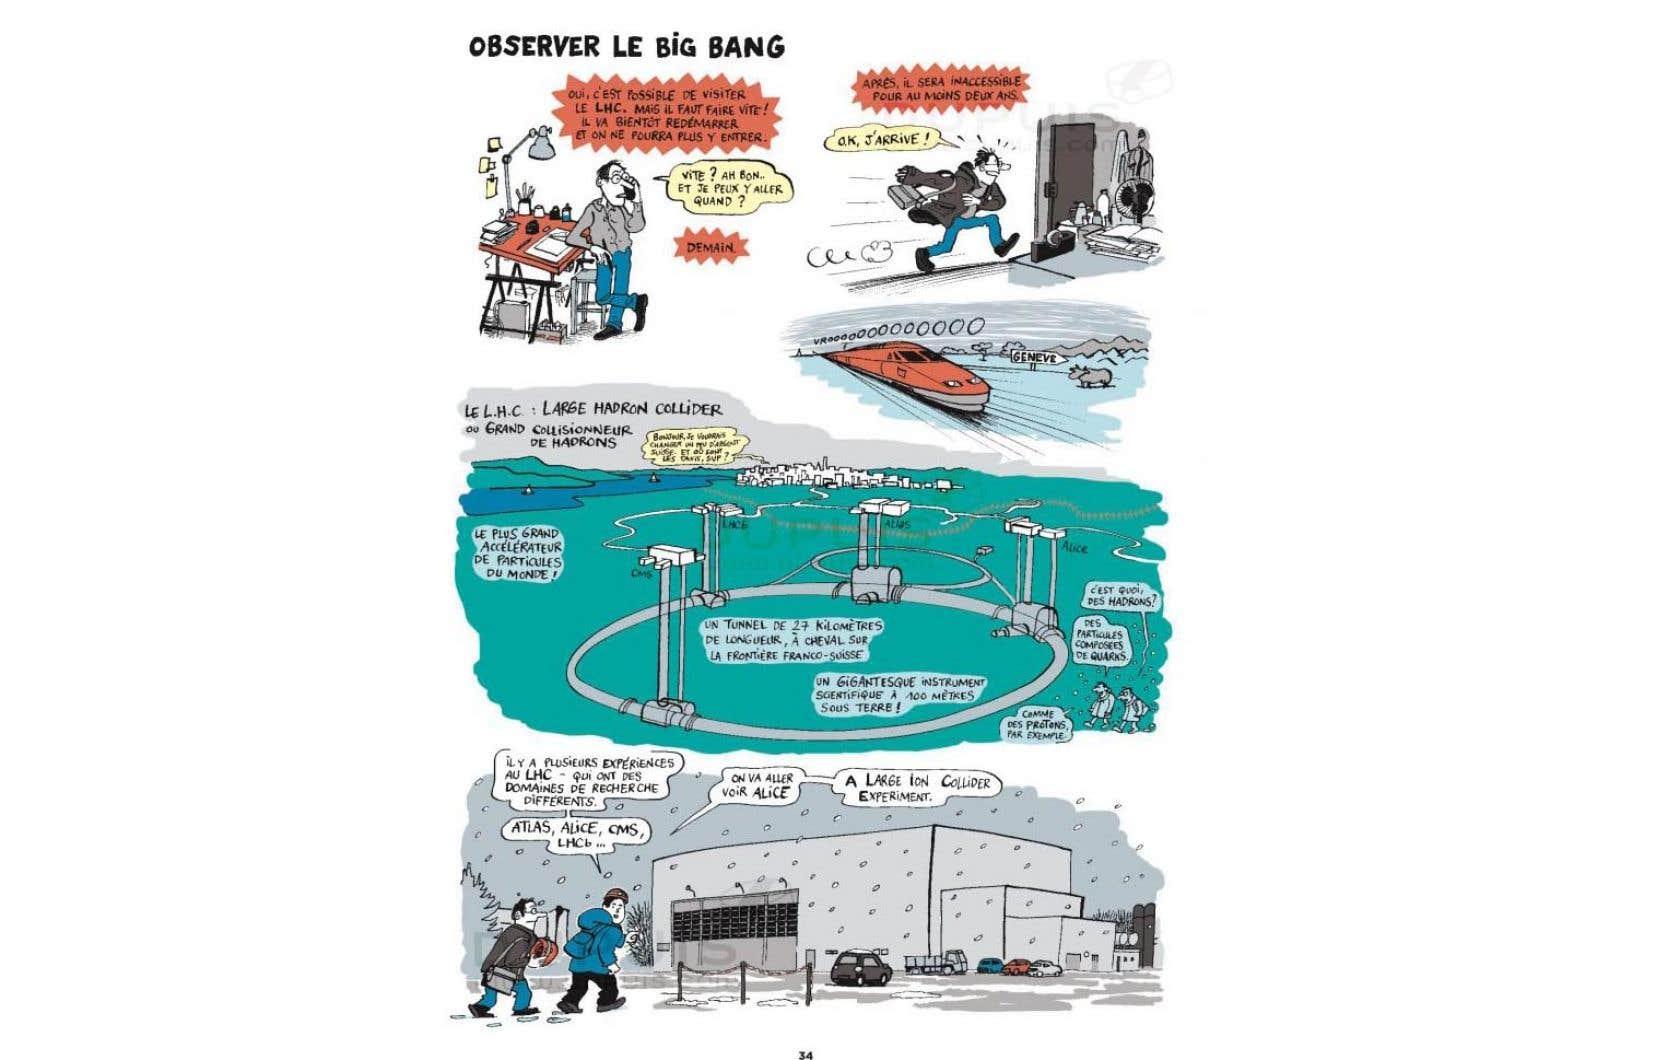 Jean-Yves Duhoo hésite à hiérarchiser ses sites pour citer un chouchou. Un peu forcé, il avoue tout de même avoir été impressionné par le Grand collisionneur de hadrons, près de Genève.